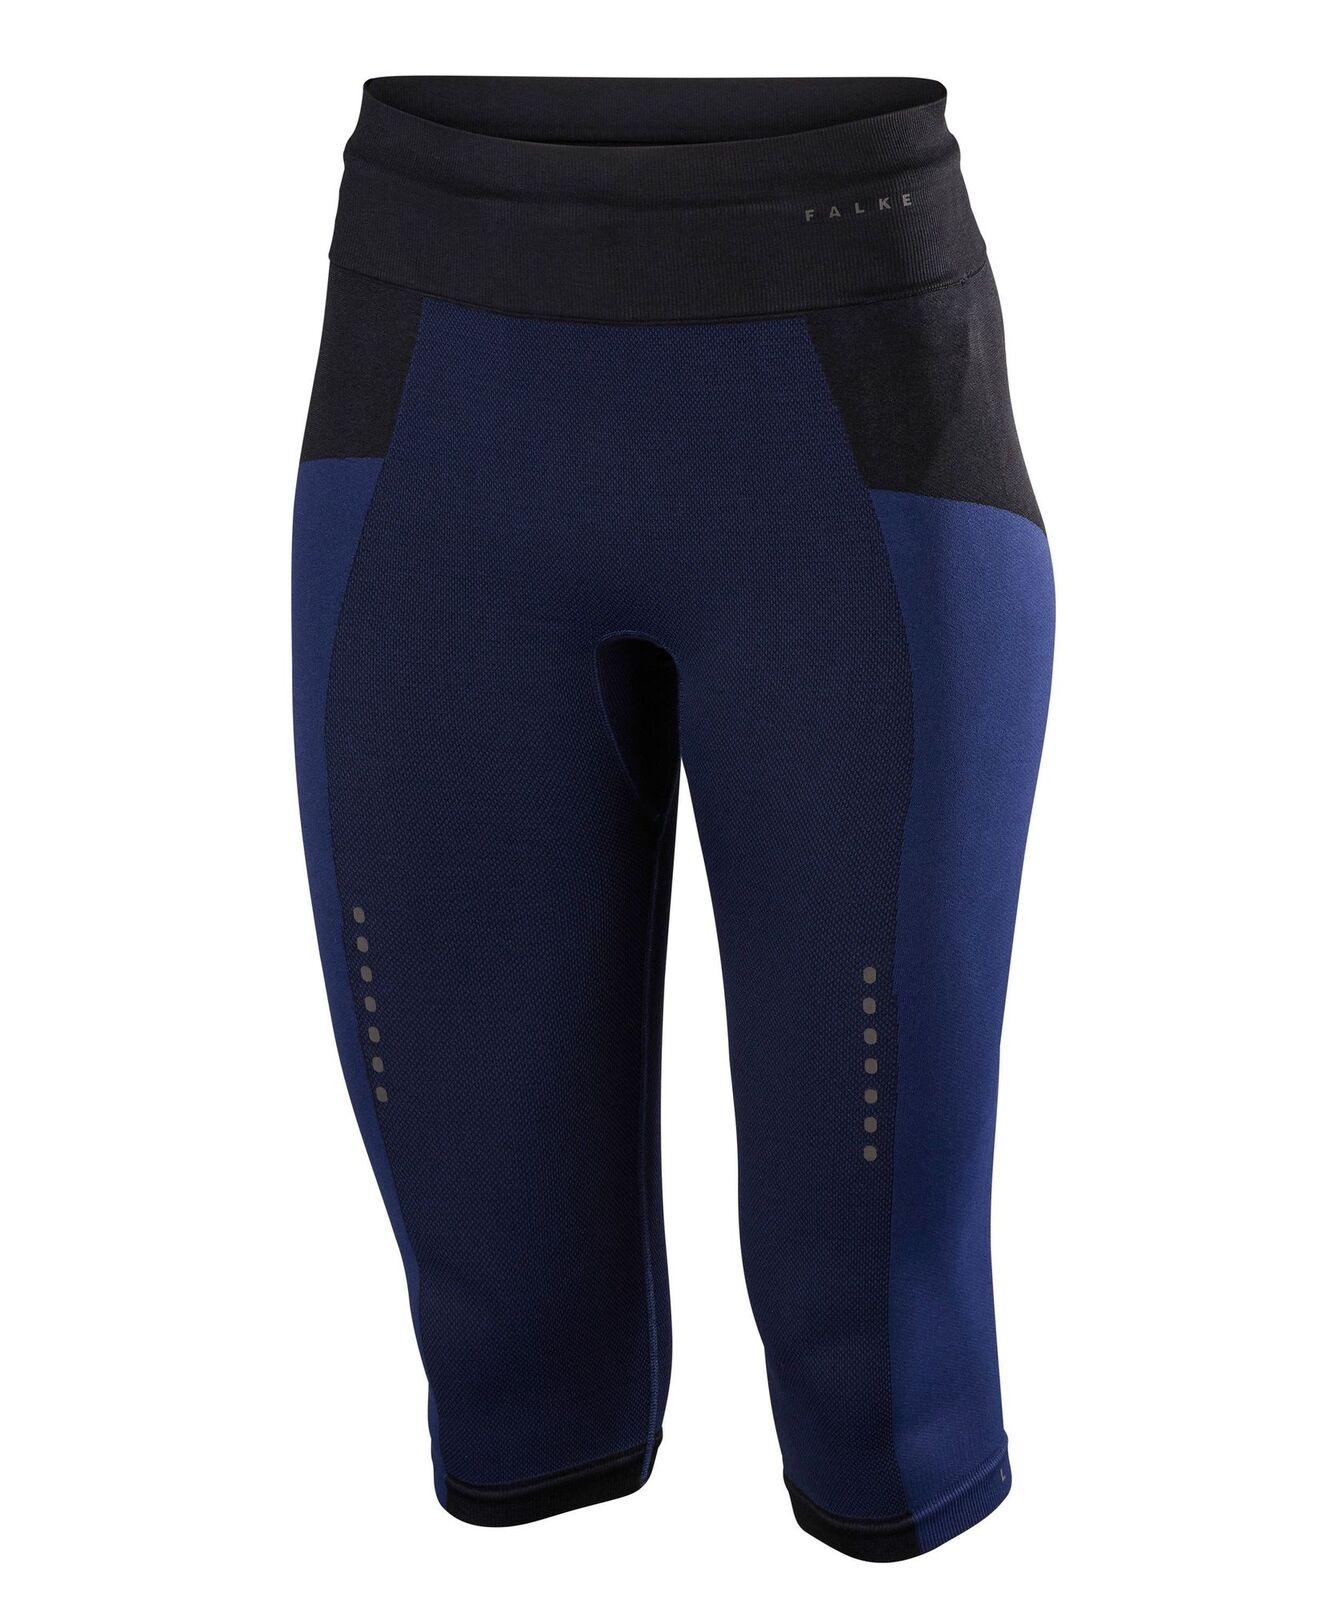 Falke Donna Pantaloni da Corsa Raffinatezza 3 4 Sportivi Fitnesshose Jogging